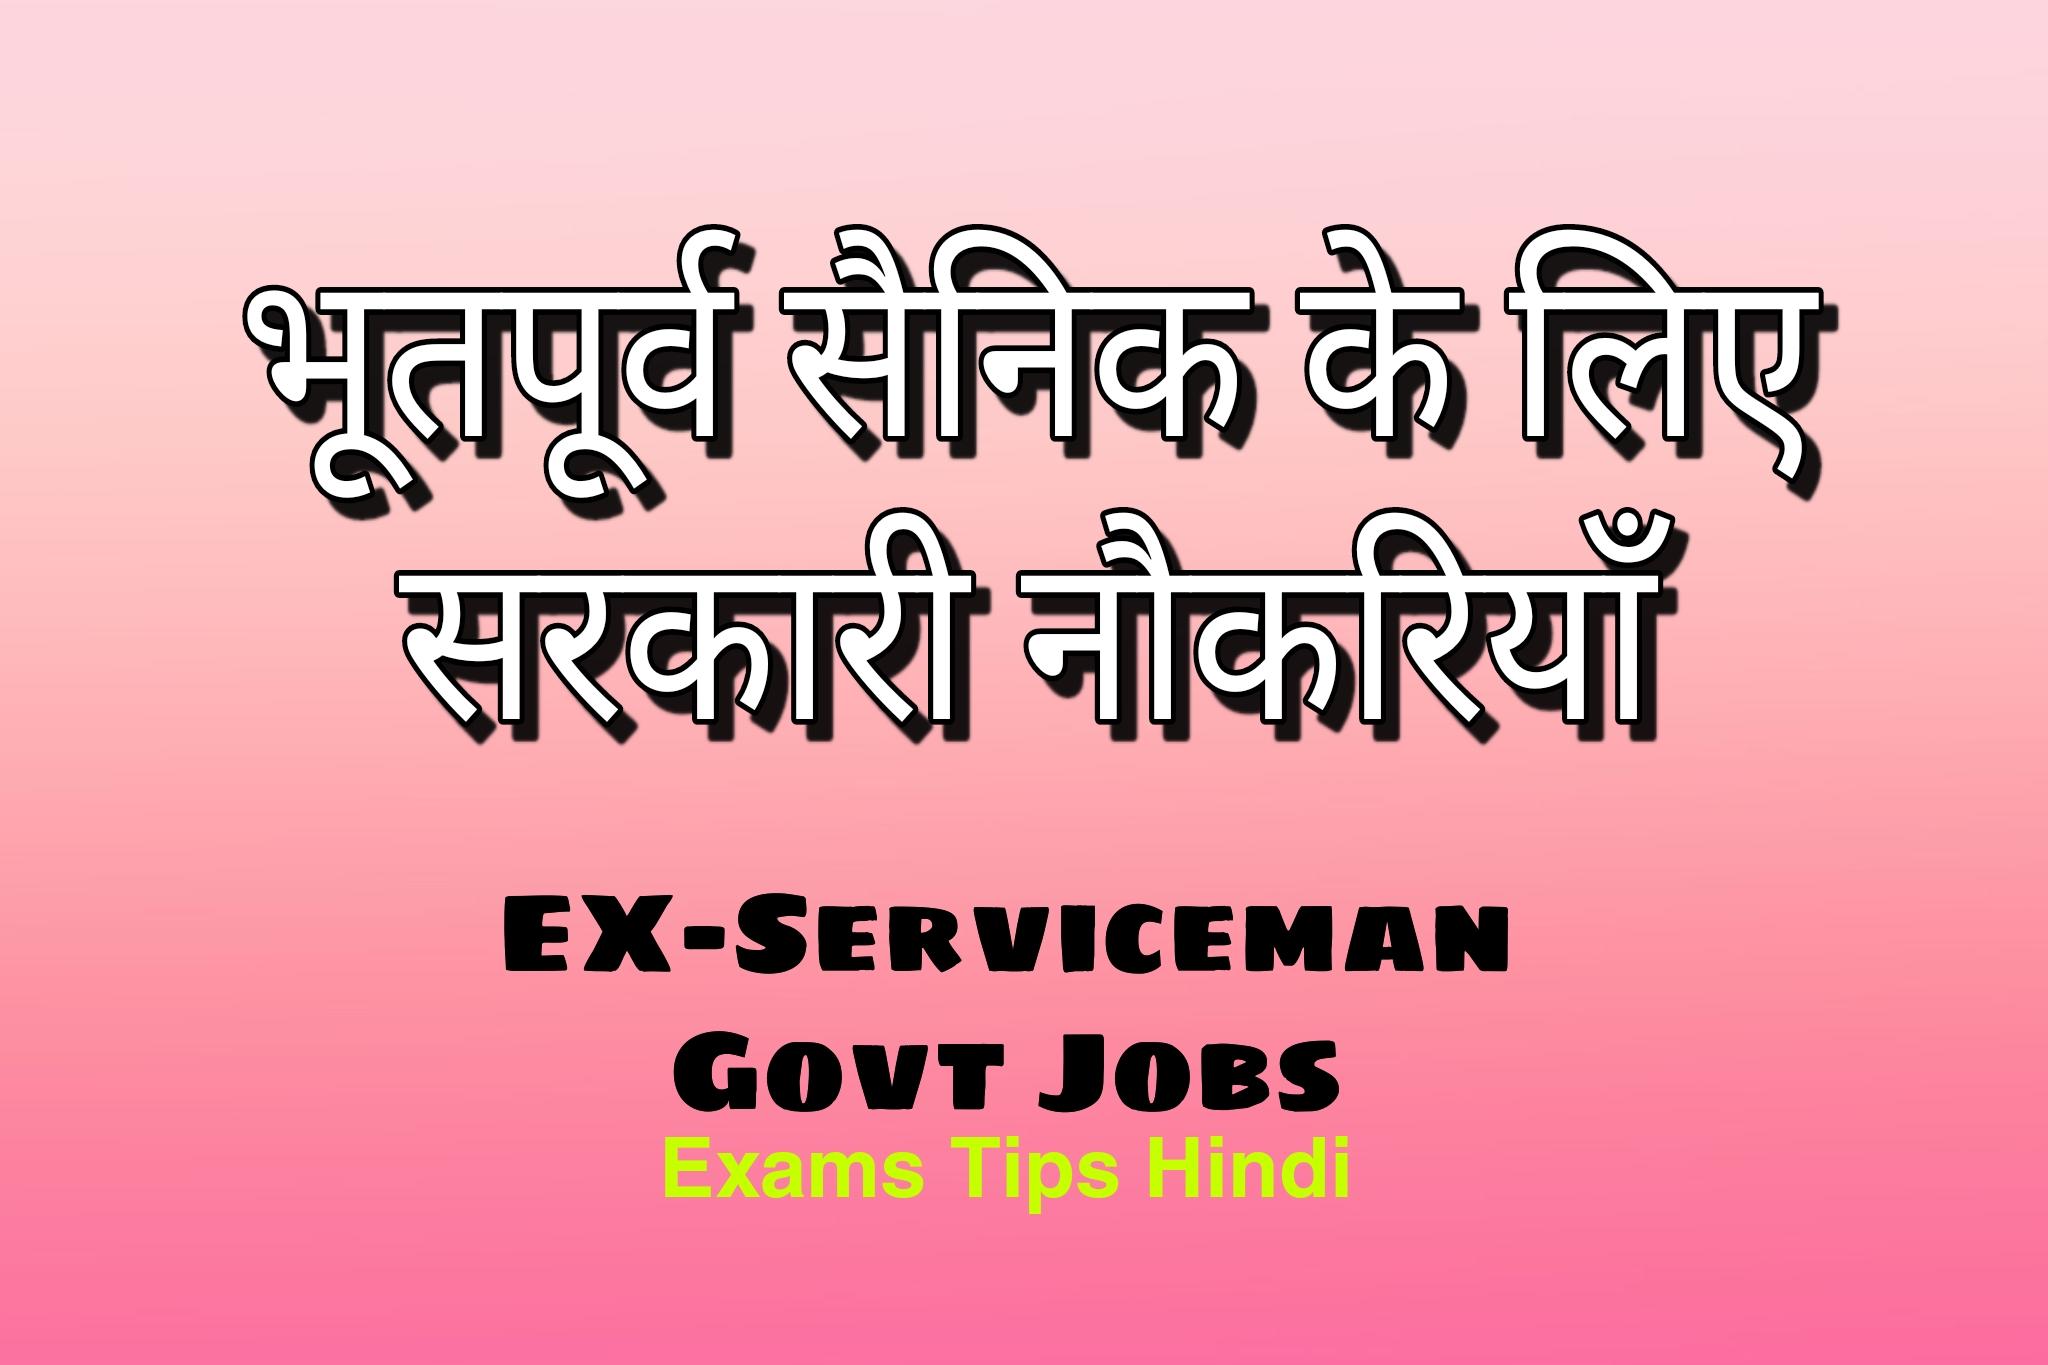 भूतपूर्व सैनिक के लिए सरकारी नौकरियाँ, Ex-serviceman Govt Jobs List